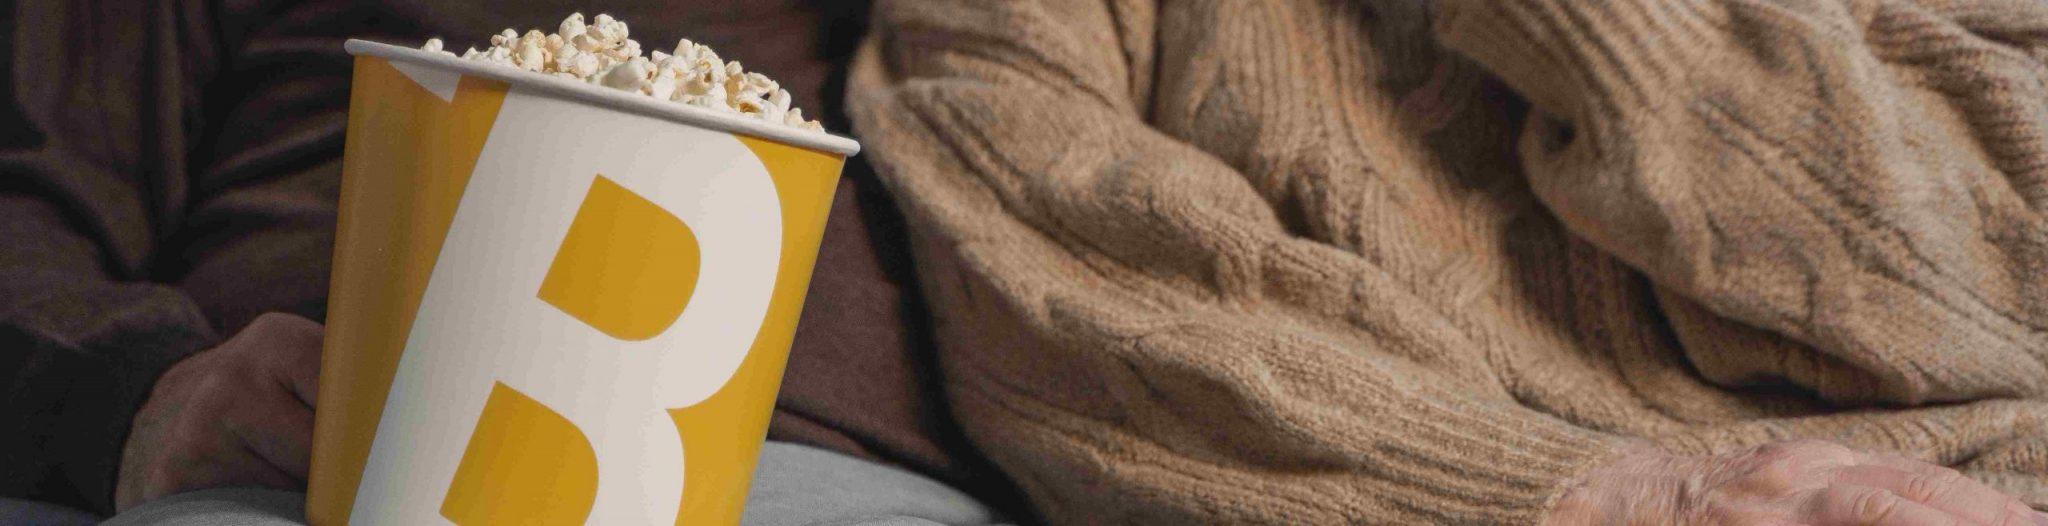 How to start an online film festival